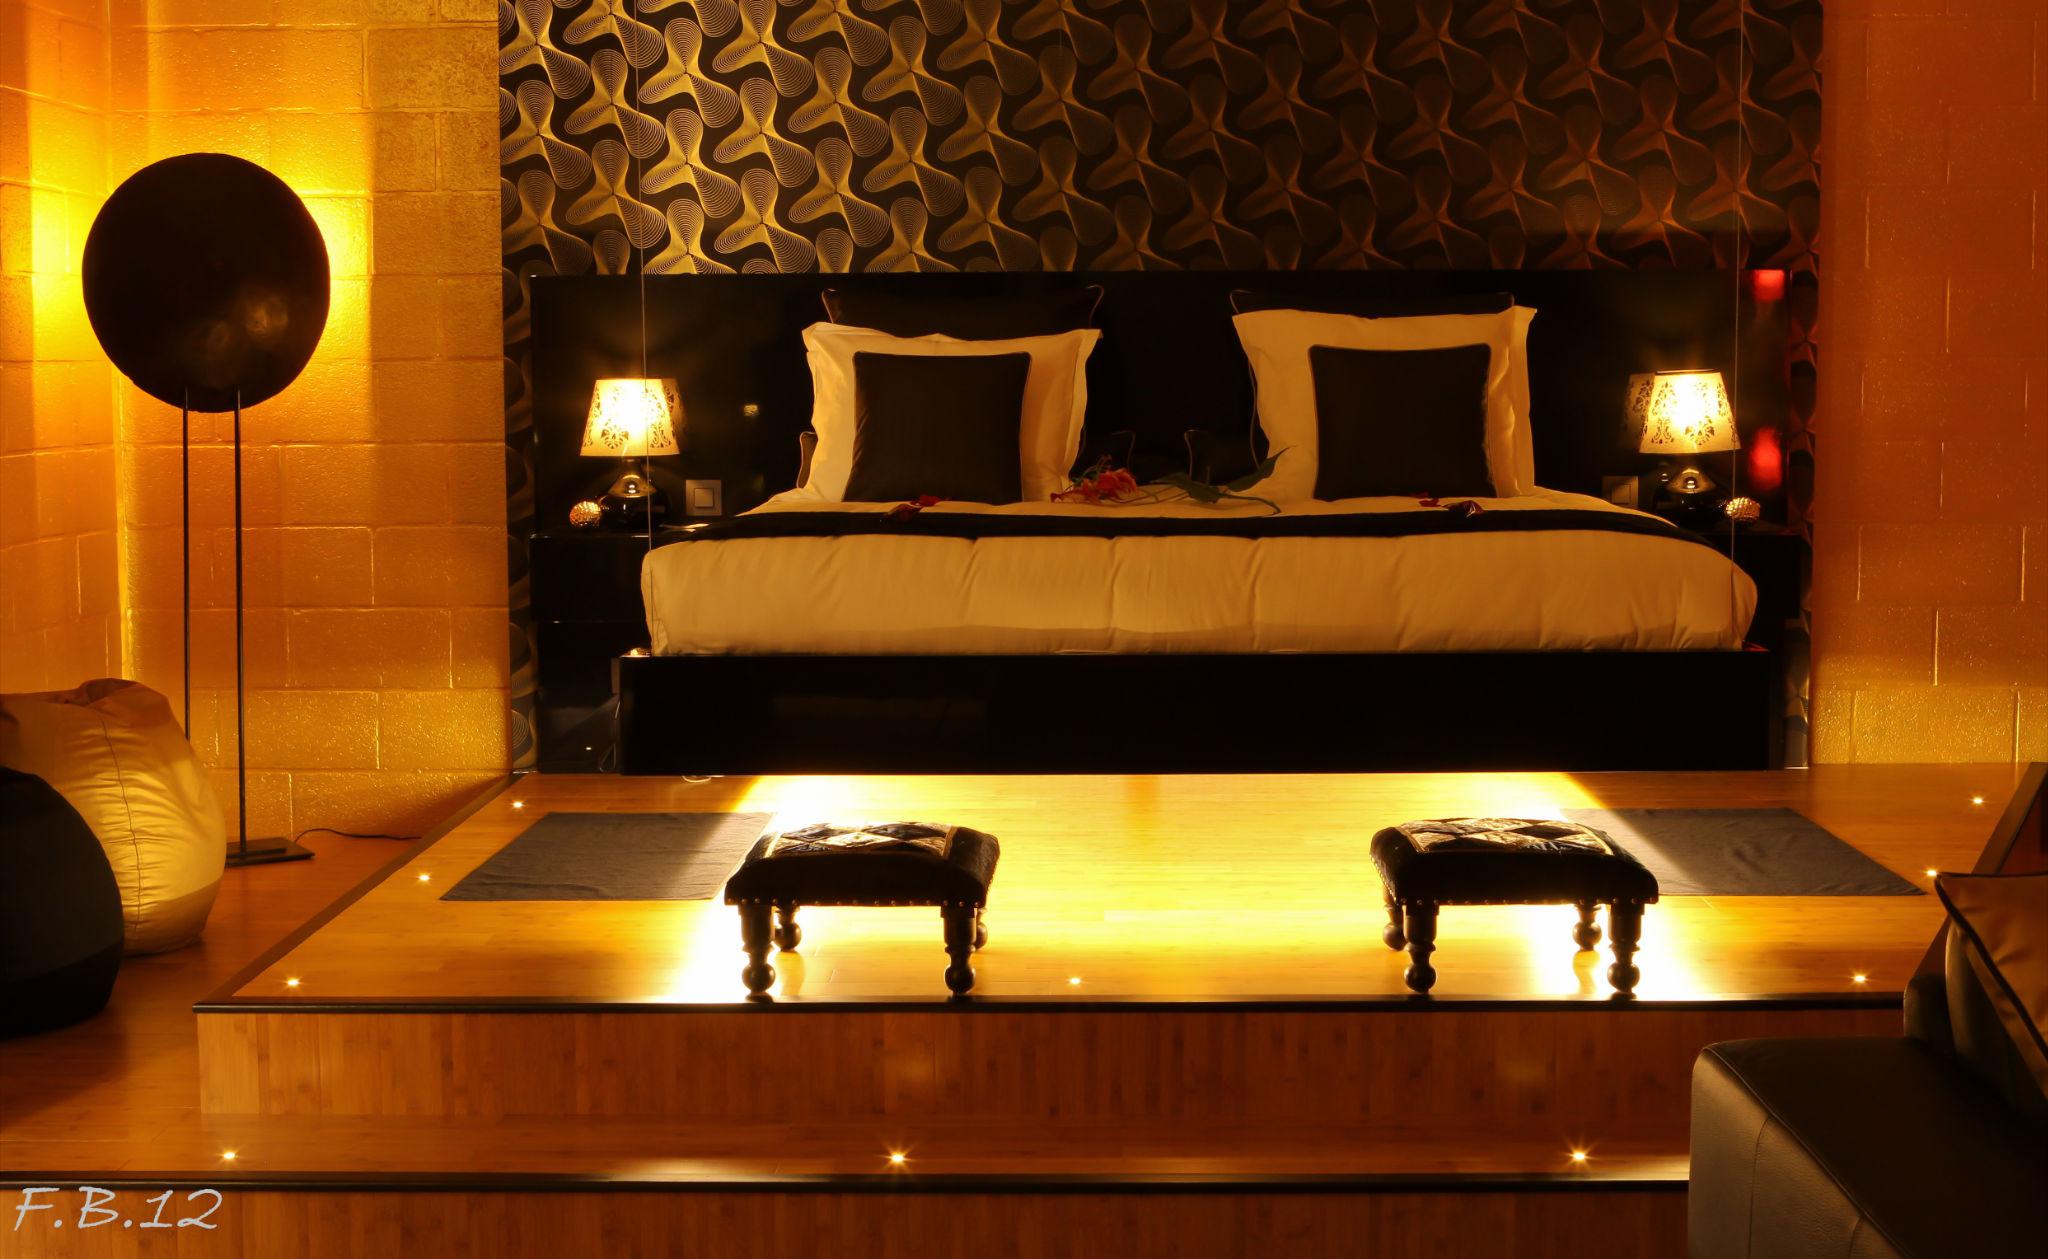 Le loft gate one chambre avec jacuzzi et sauna infrarouge ideal pour passer un moment  2 en